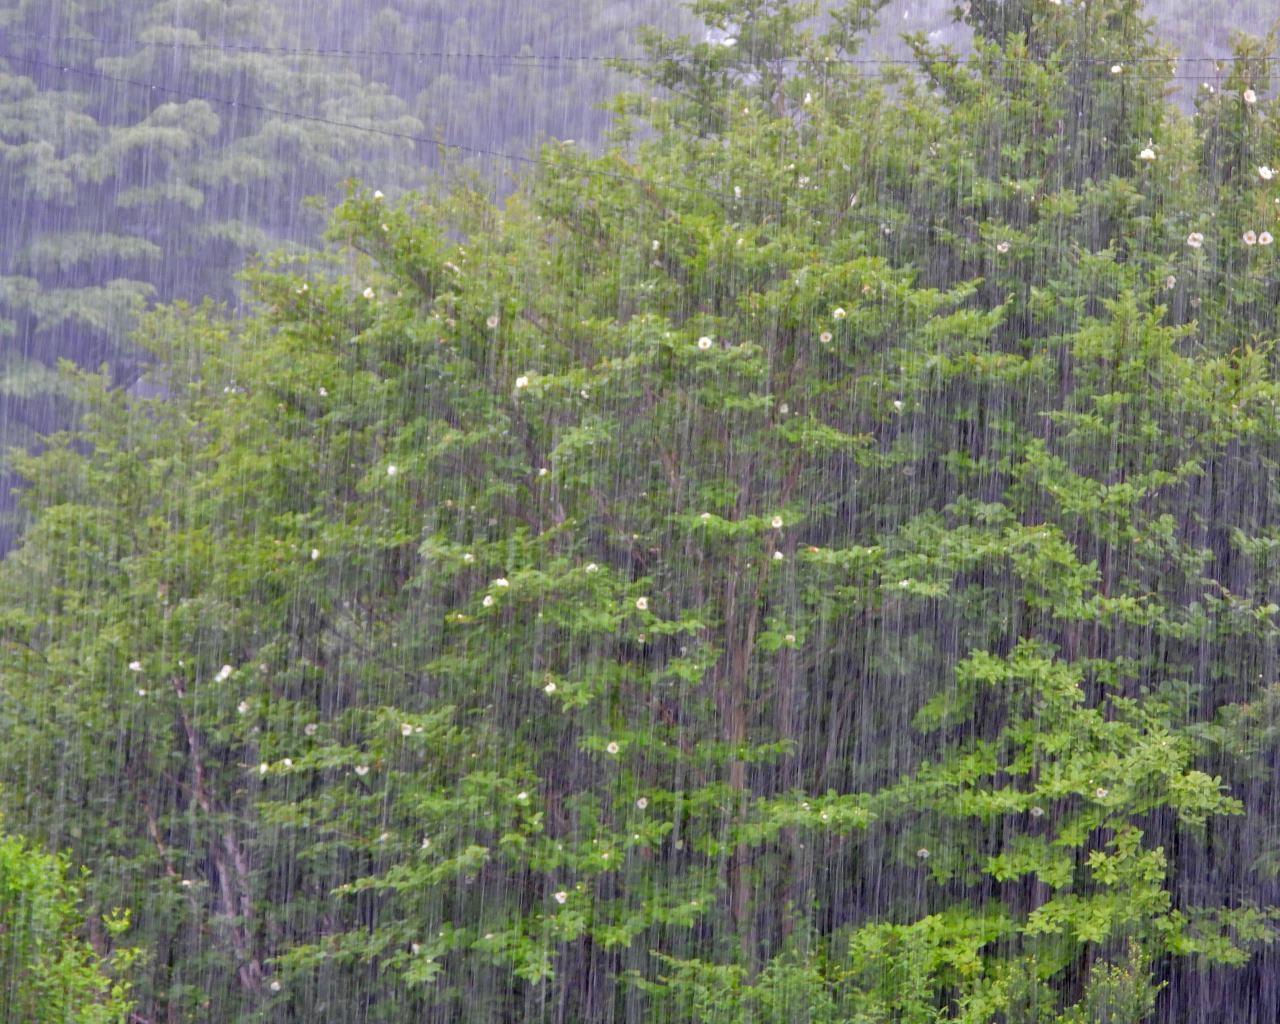 箕輪城跡で 通り雨と雨上がり_c0305565_17273376.jpg